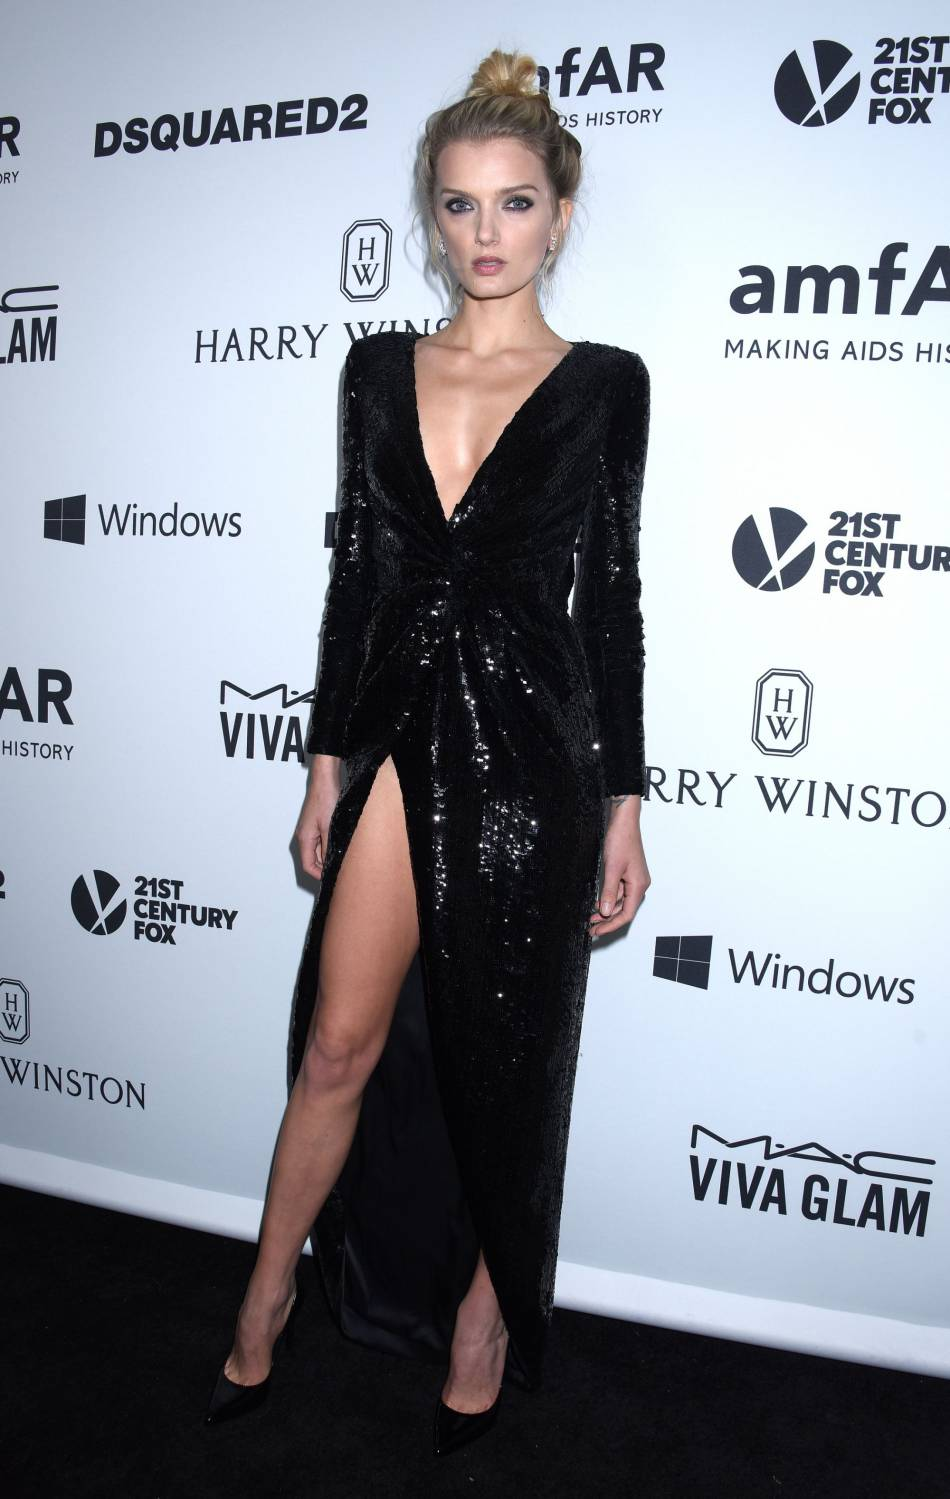 Le top Lily Donaldson combine maxi fendu et décolleté à l'amfAR Inspiration Gala, jeudi 29 octobre à Los Angeles.